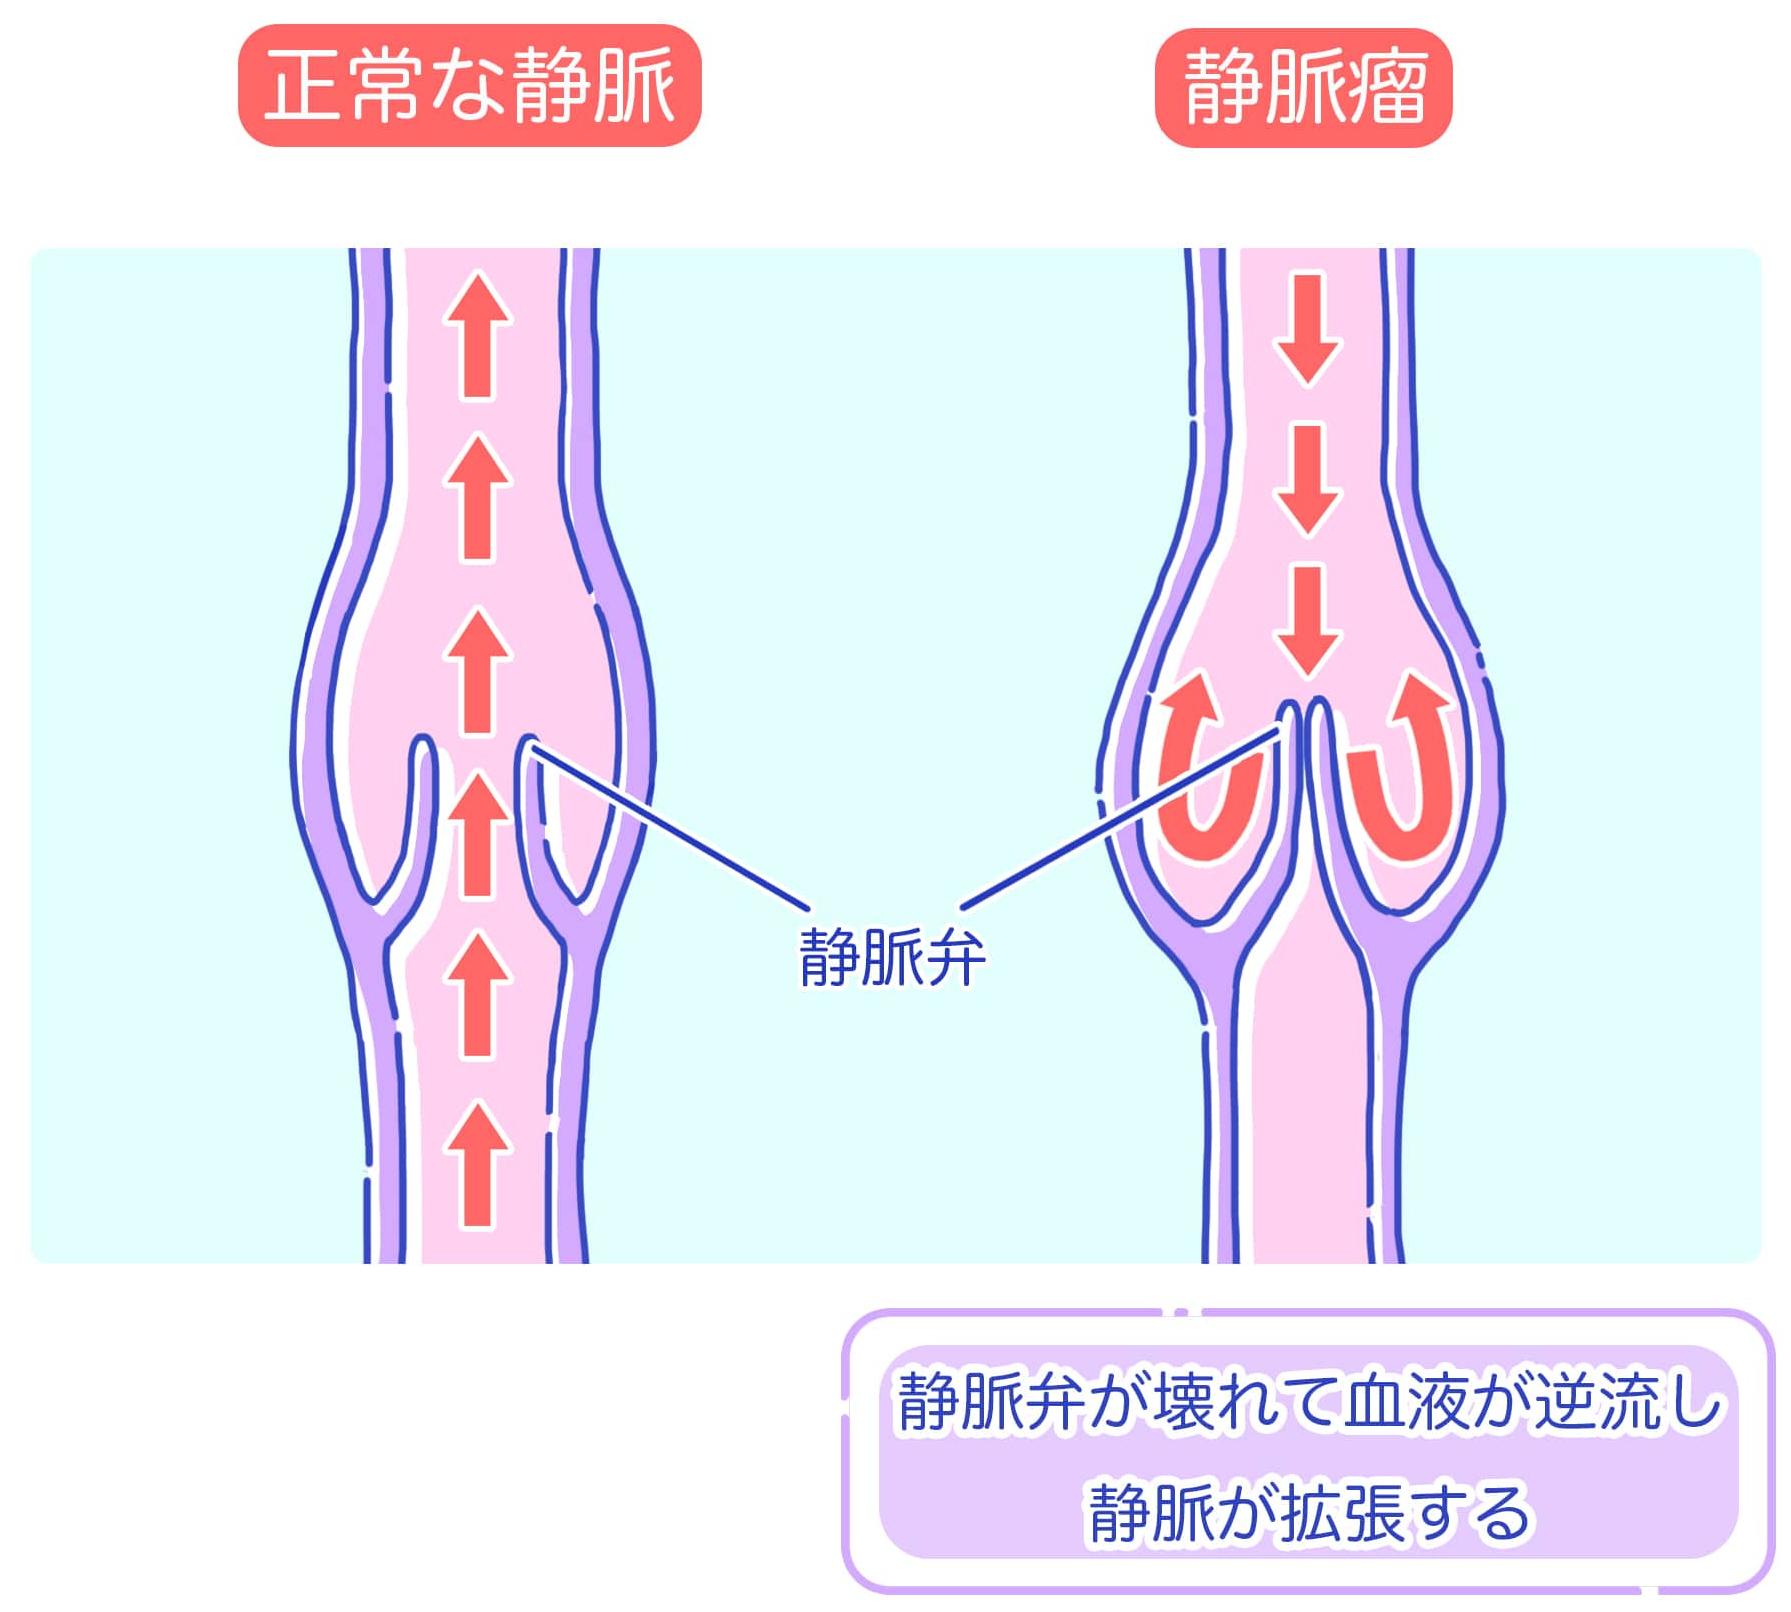 下肢静脈瘤_2-min (トリミング).jpg